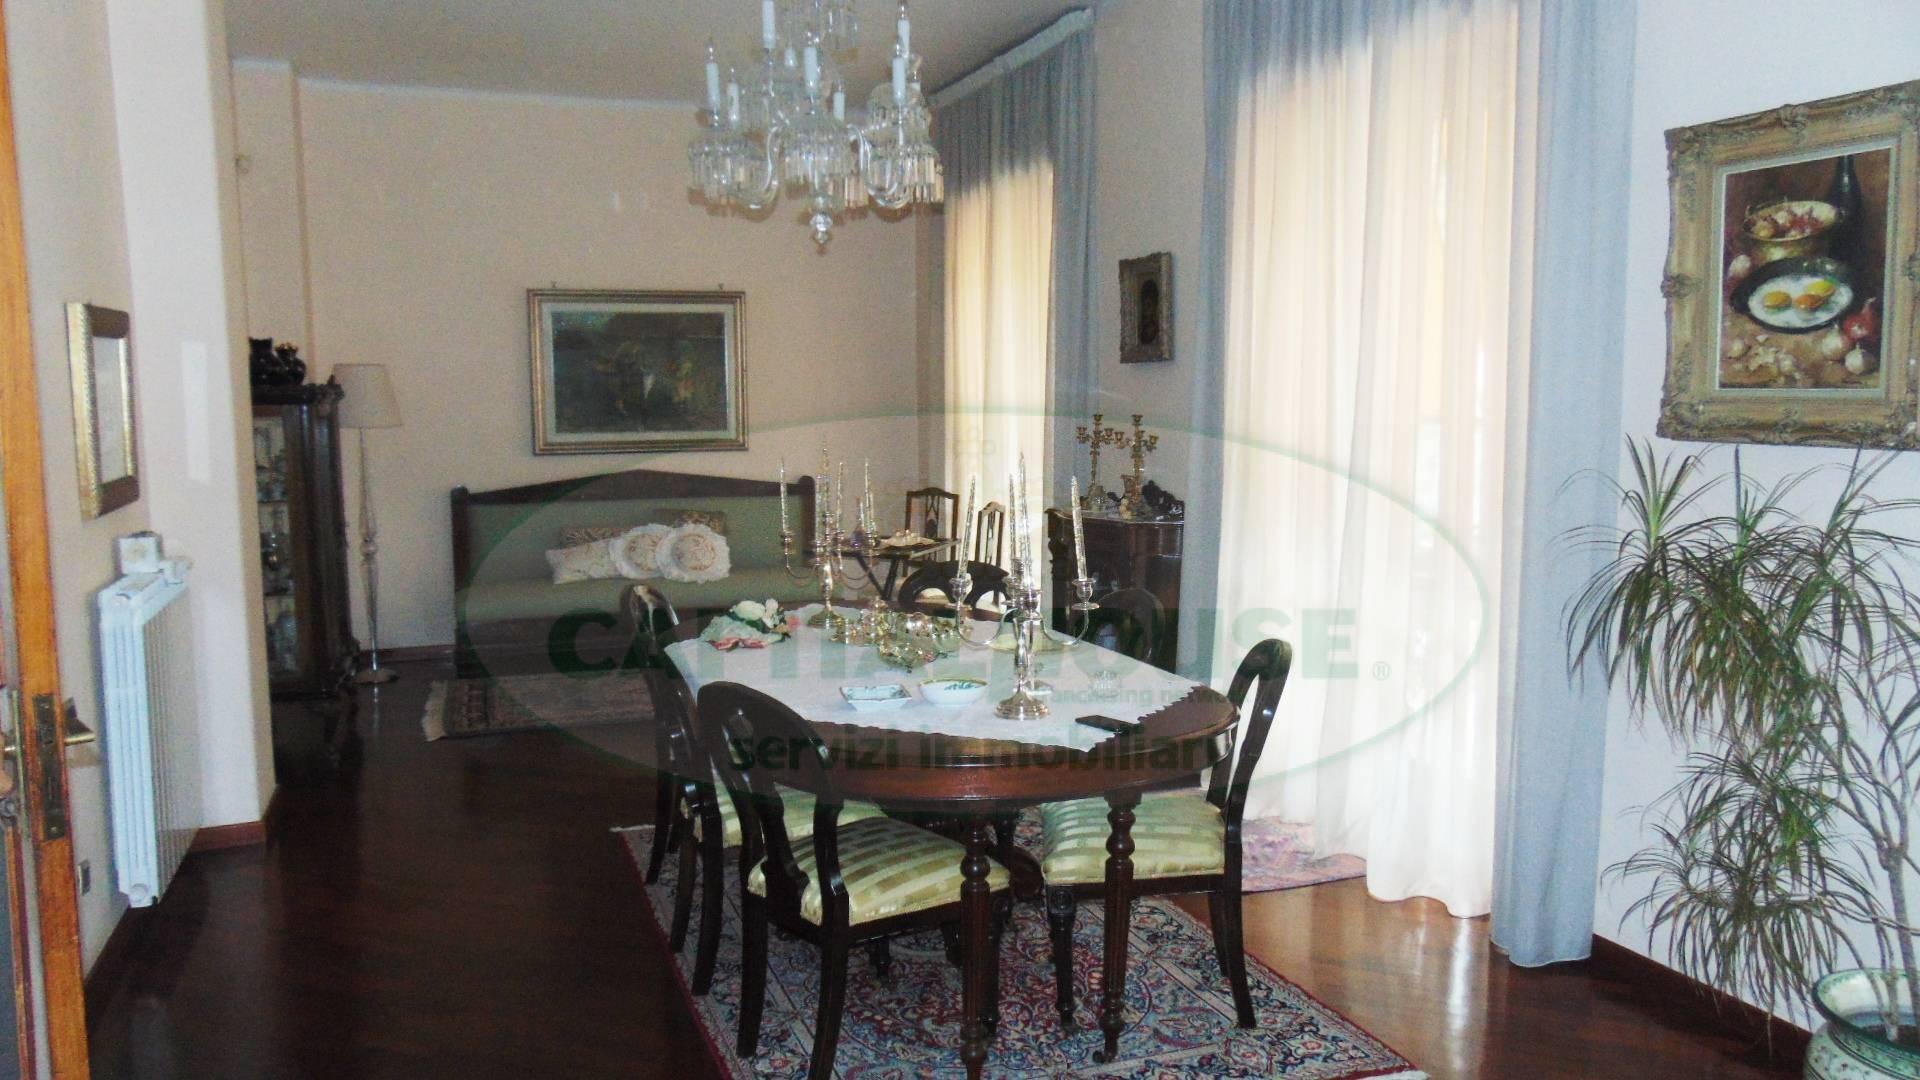 Appartamento in vendita a Sirignano, 4 locali, prezzo € 140.000 | CambioCasa.it